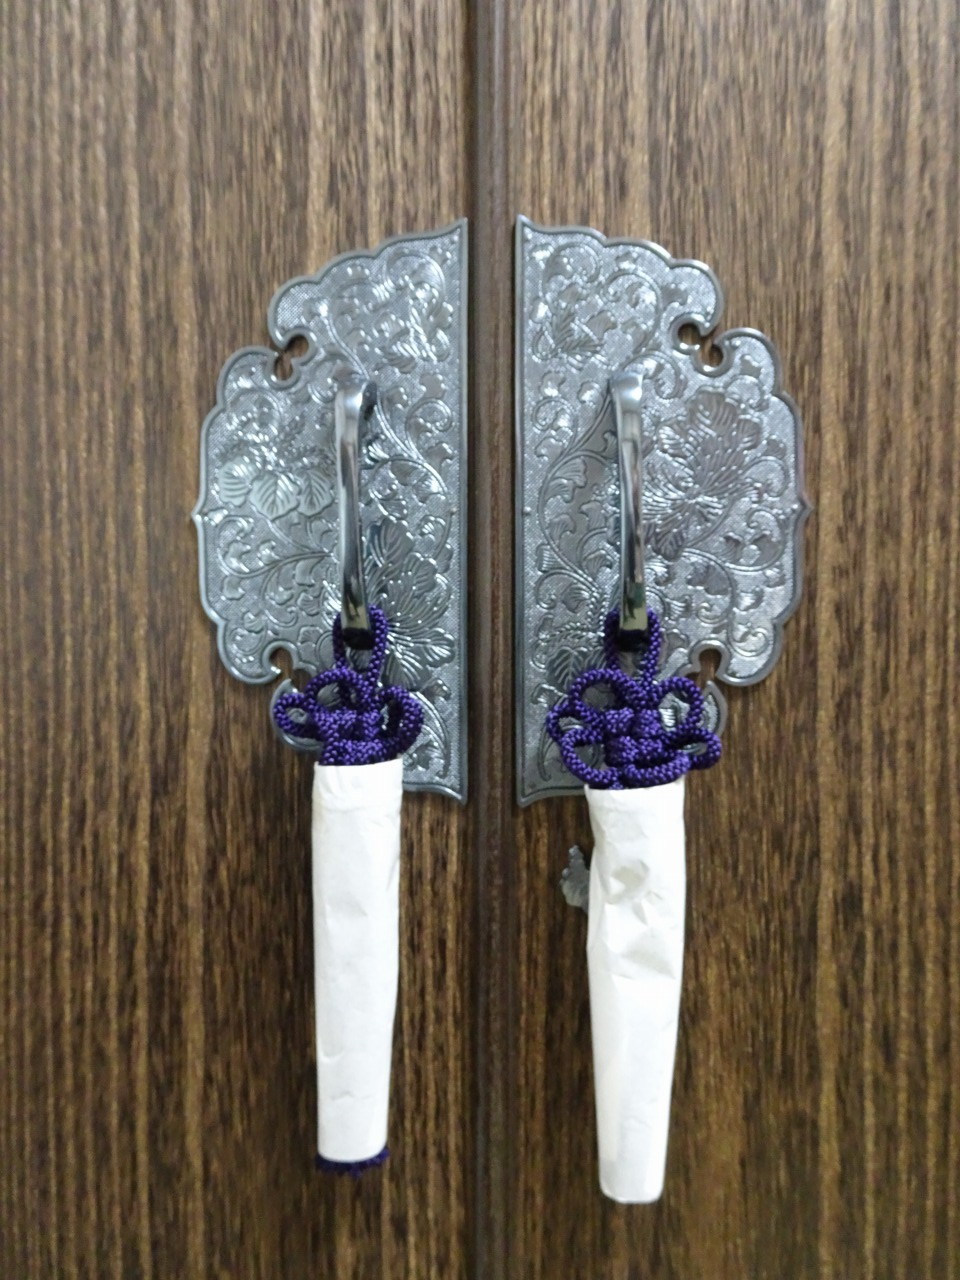 焼桐洋服箪笥の前飾り金具むらさき房付き